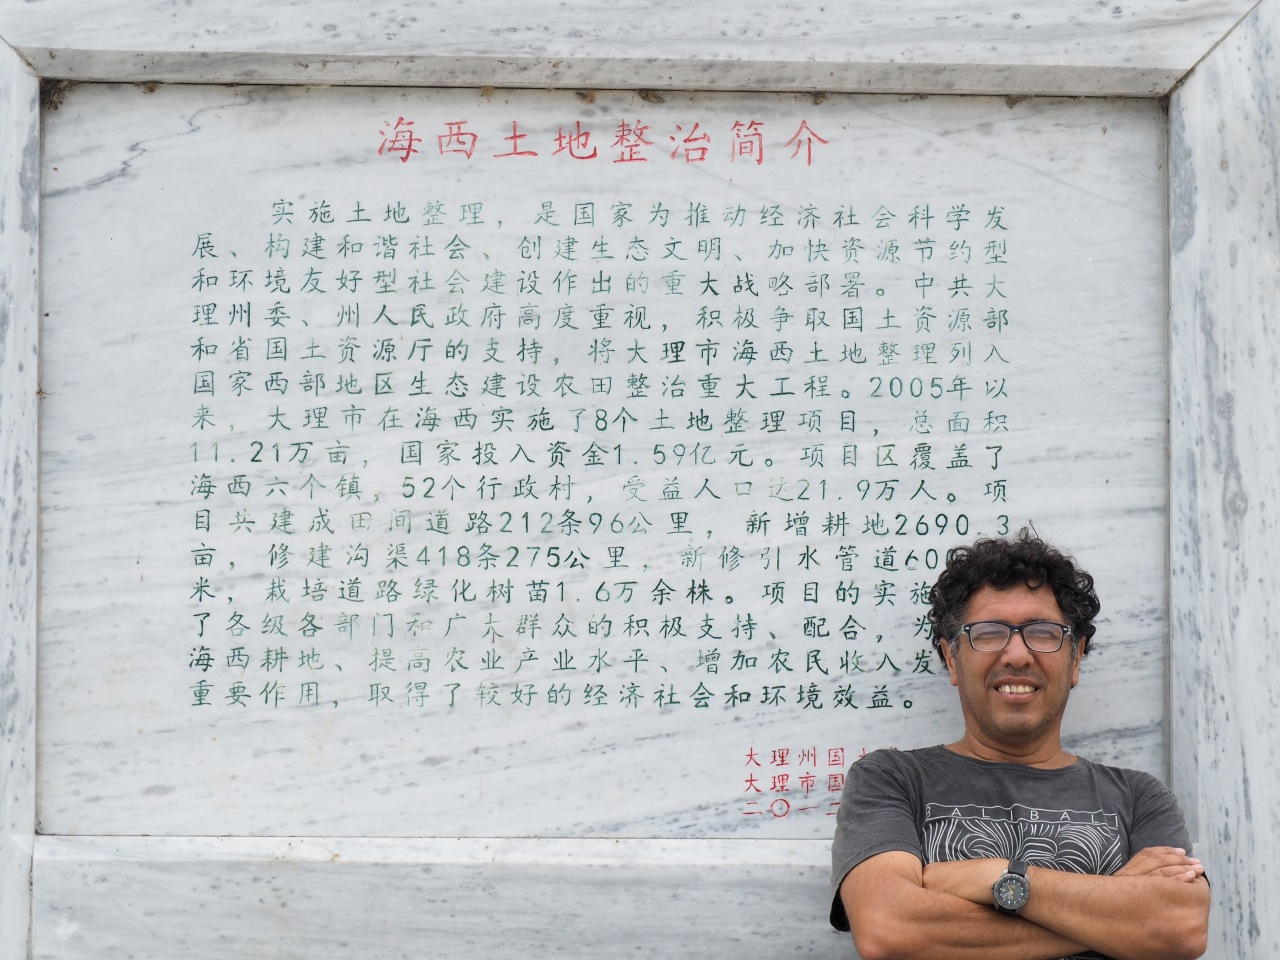 Cruzar la frontera de Vietnam a China – Ciudad deDali